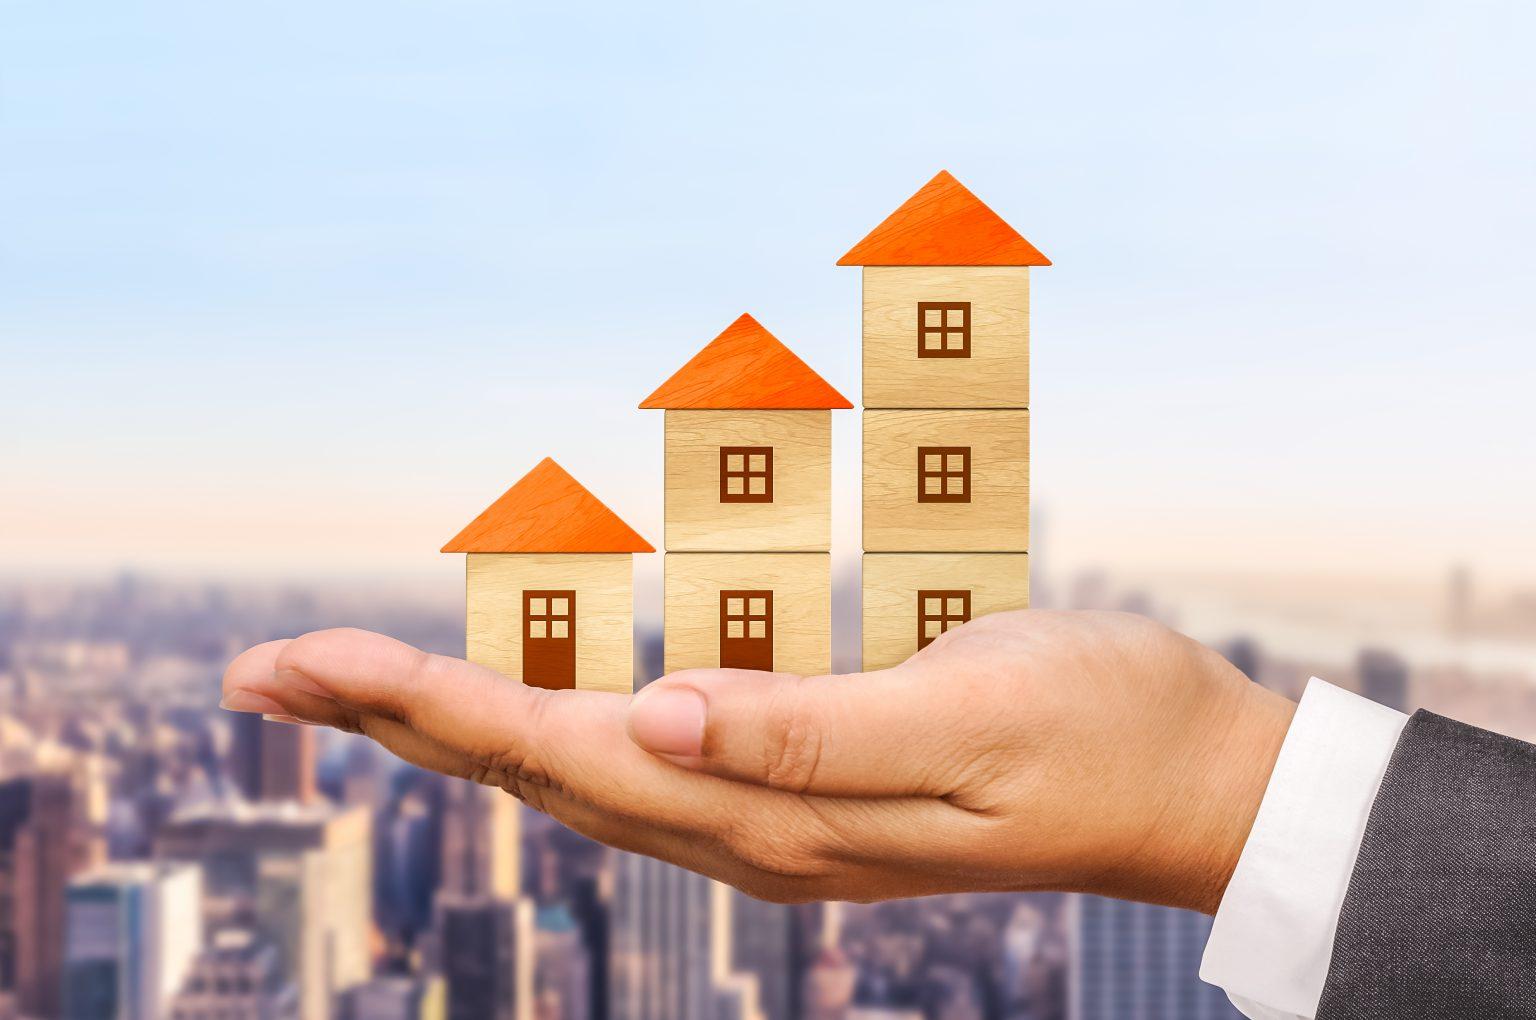 Imposto de Renda: quando posso atualizar o valor do meu imóvel?